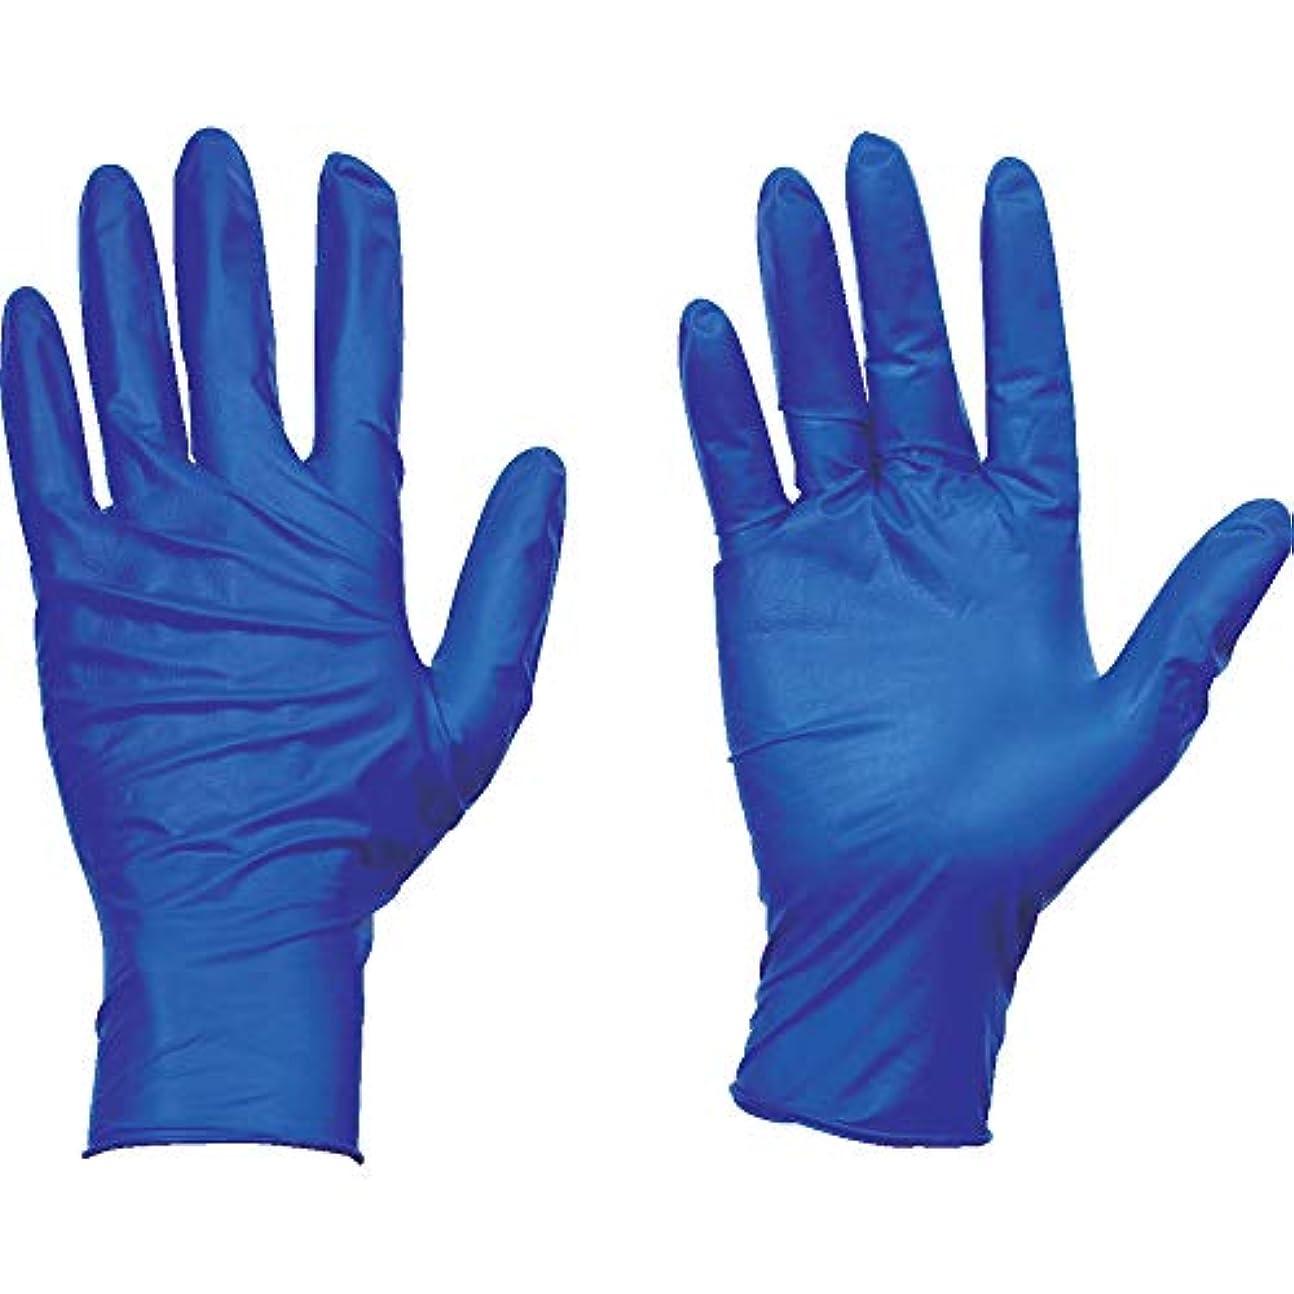 味わう地図彼女TRUSCO(トラスコ) 使い捨て天然ゴム手袋TGセーフ 0.12 粉無青S 100枚 TGNL12BS